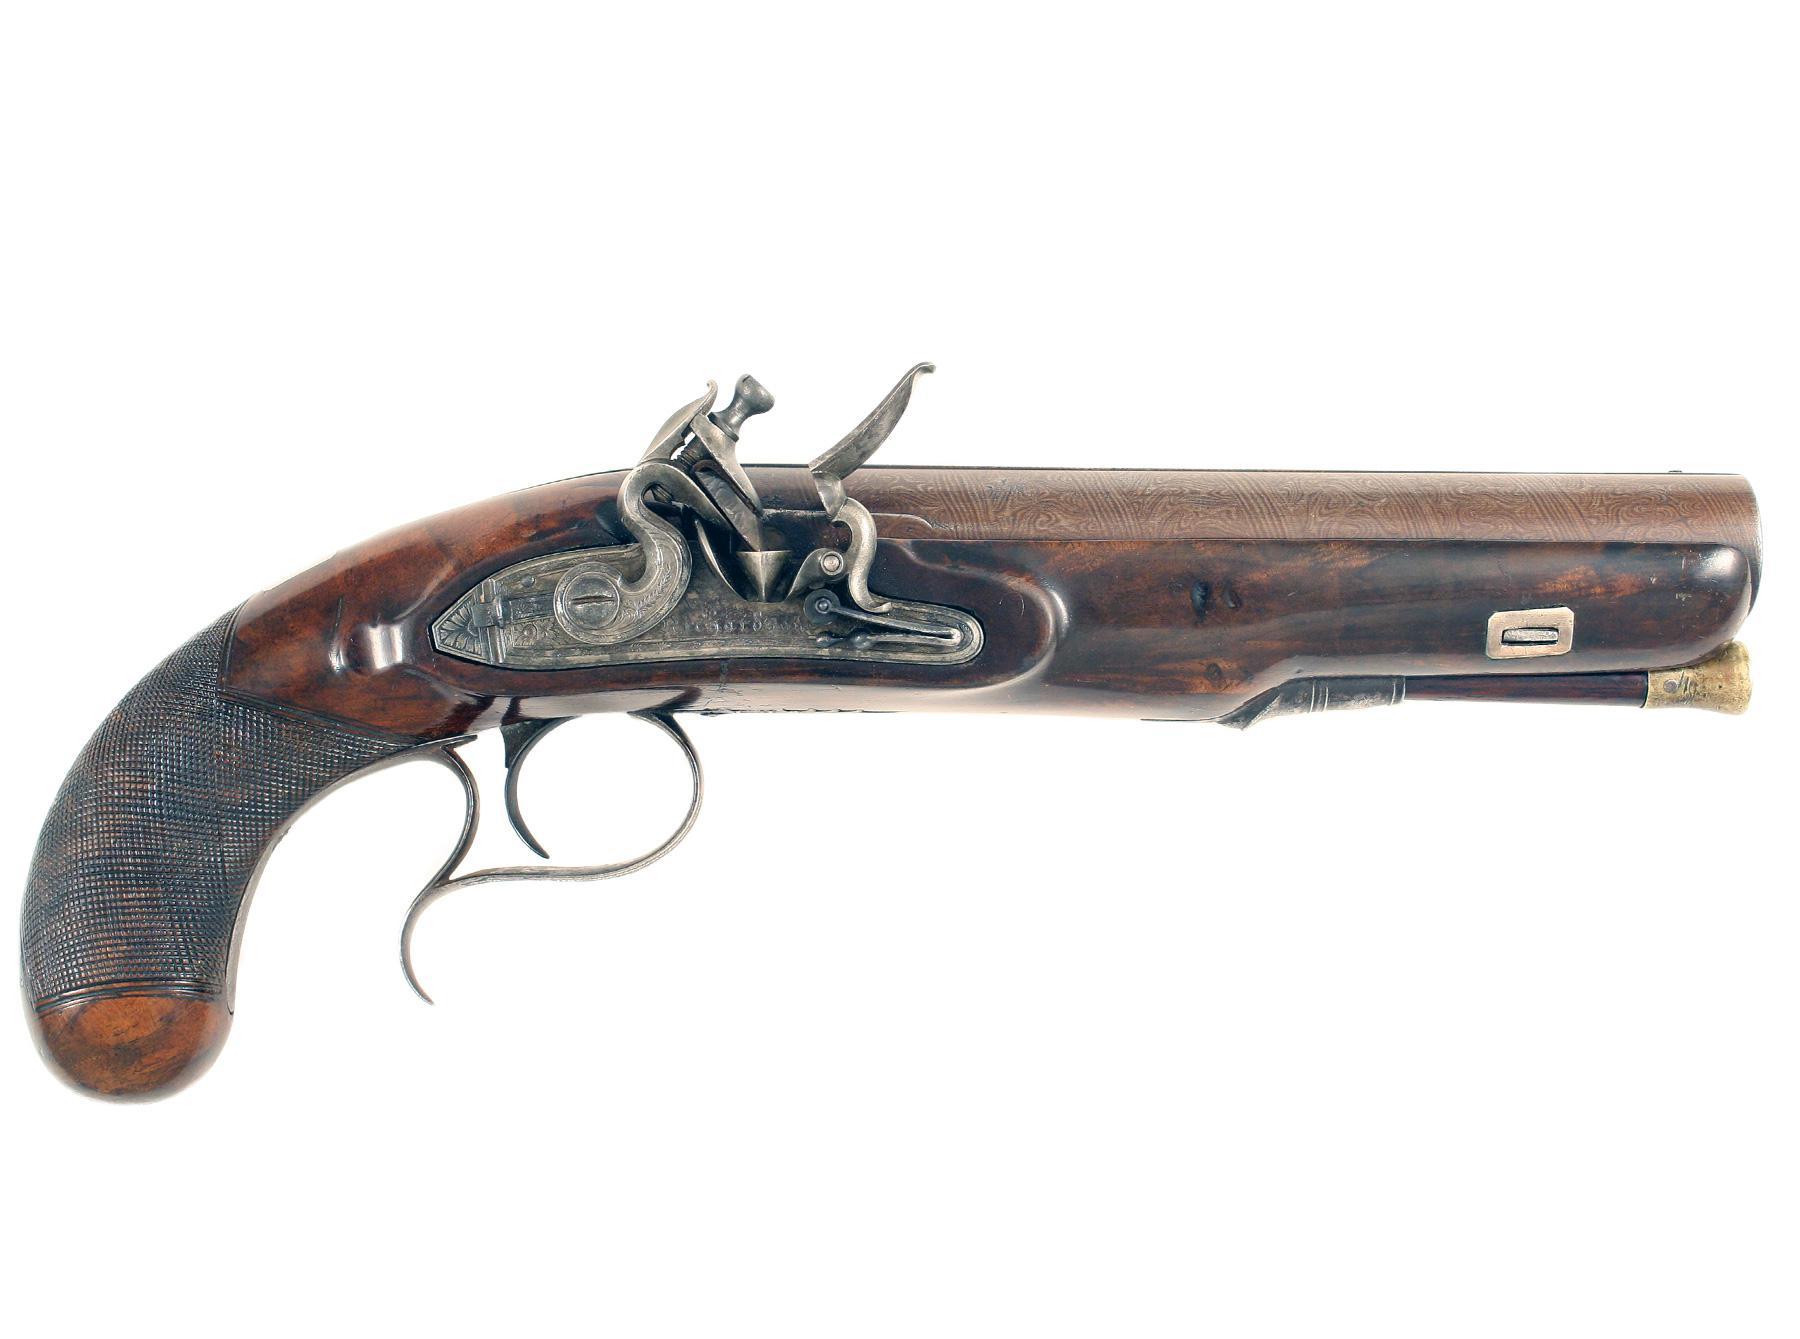 A Large Bore Flintlock Officers Pistol